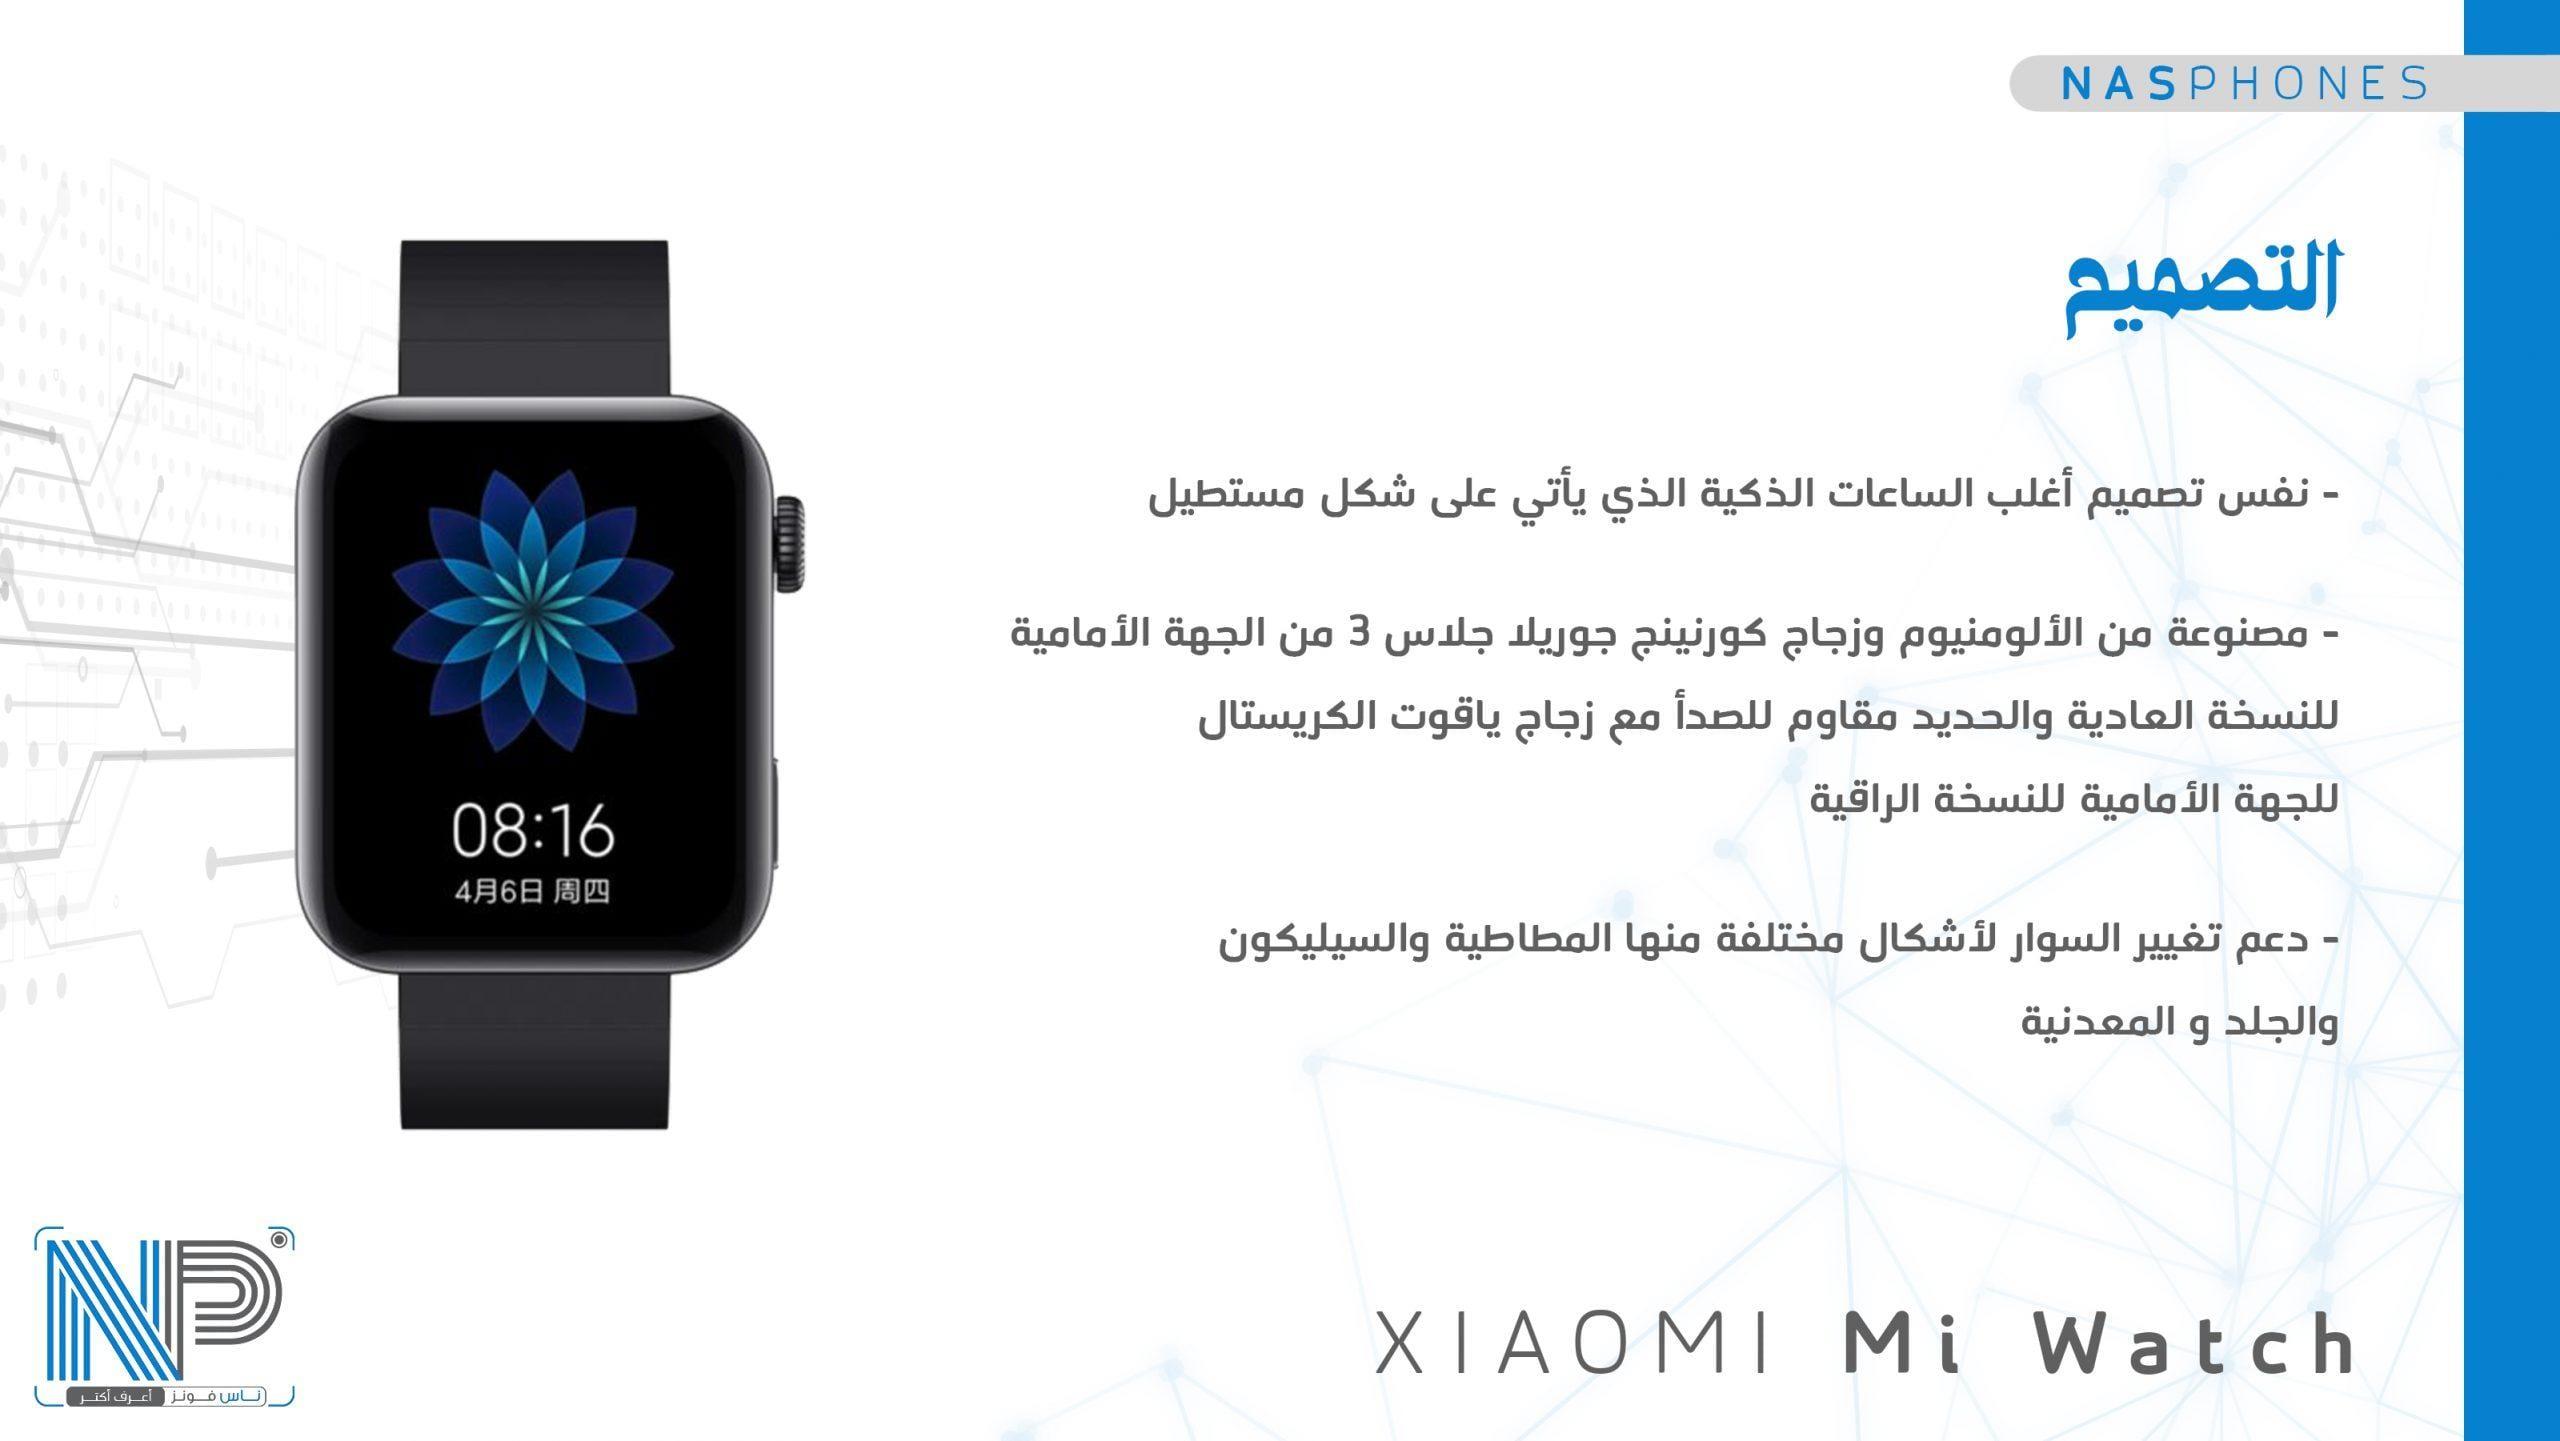 تصميم Xiaomi smart watch